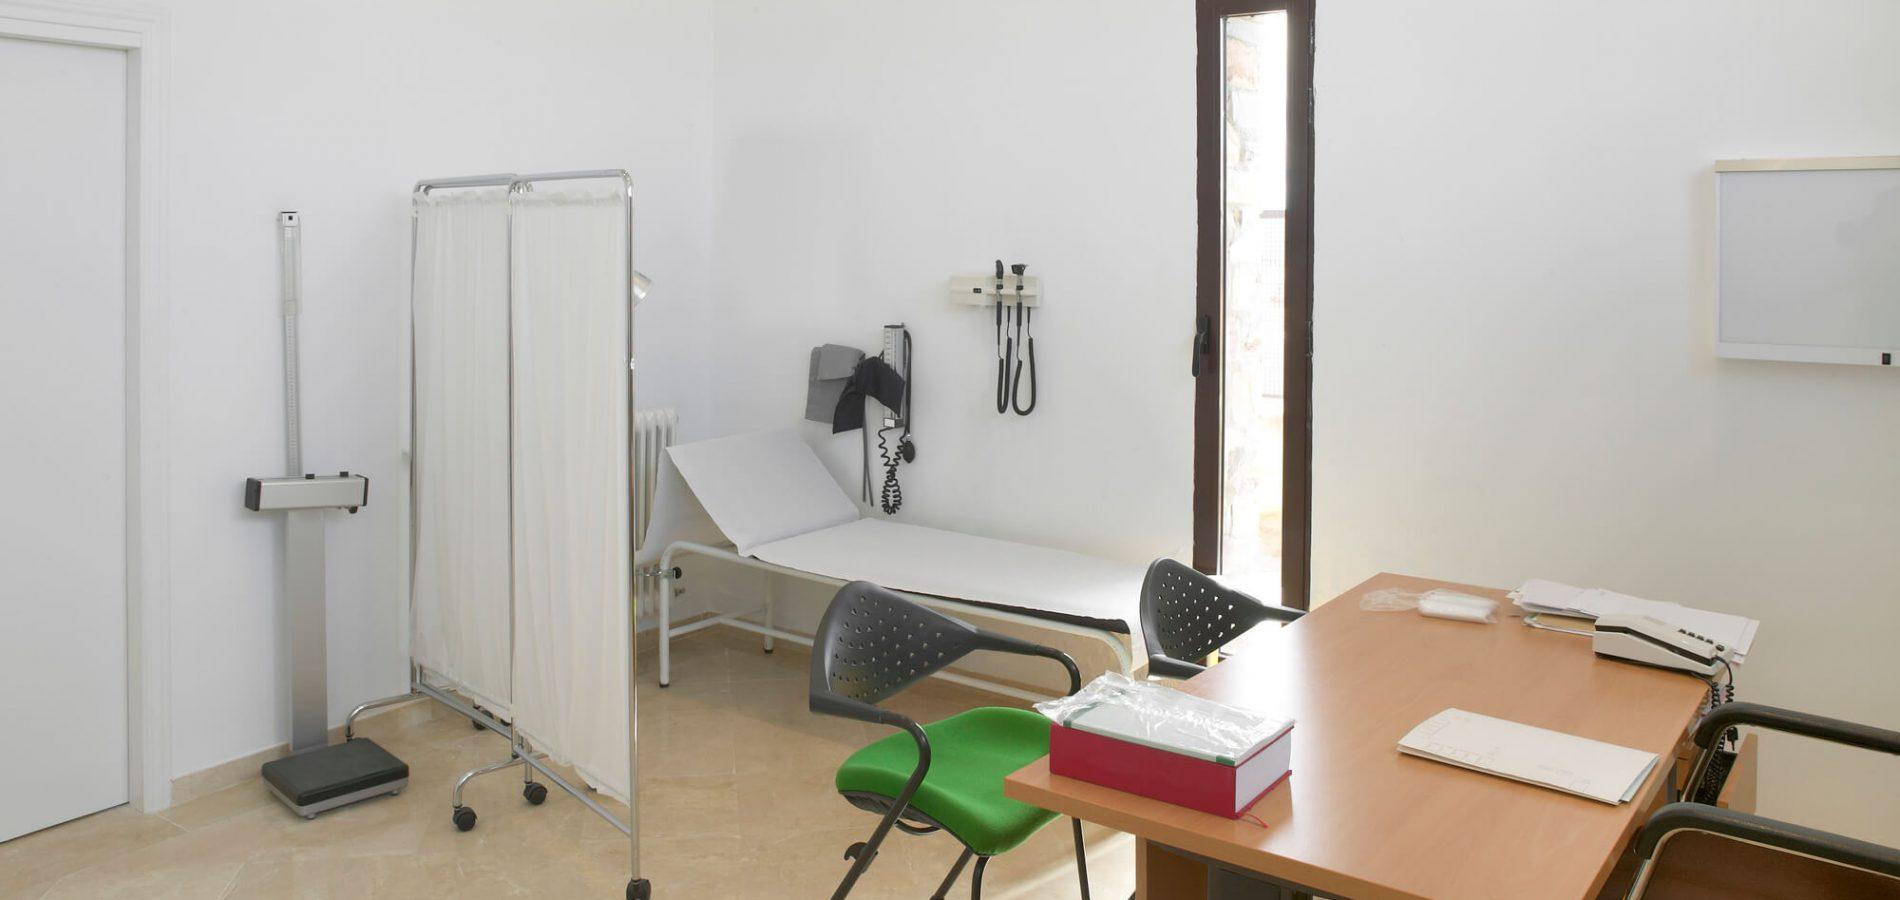 Pesquisa mostra que pandemia afastou homens dos consultórios médicos